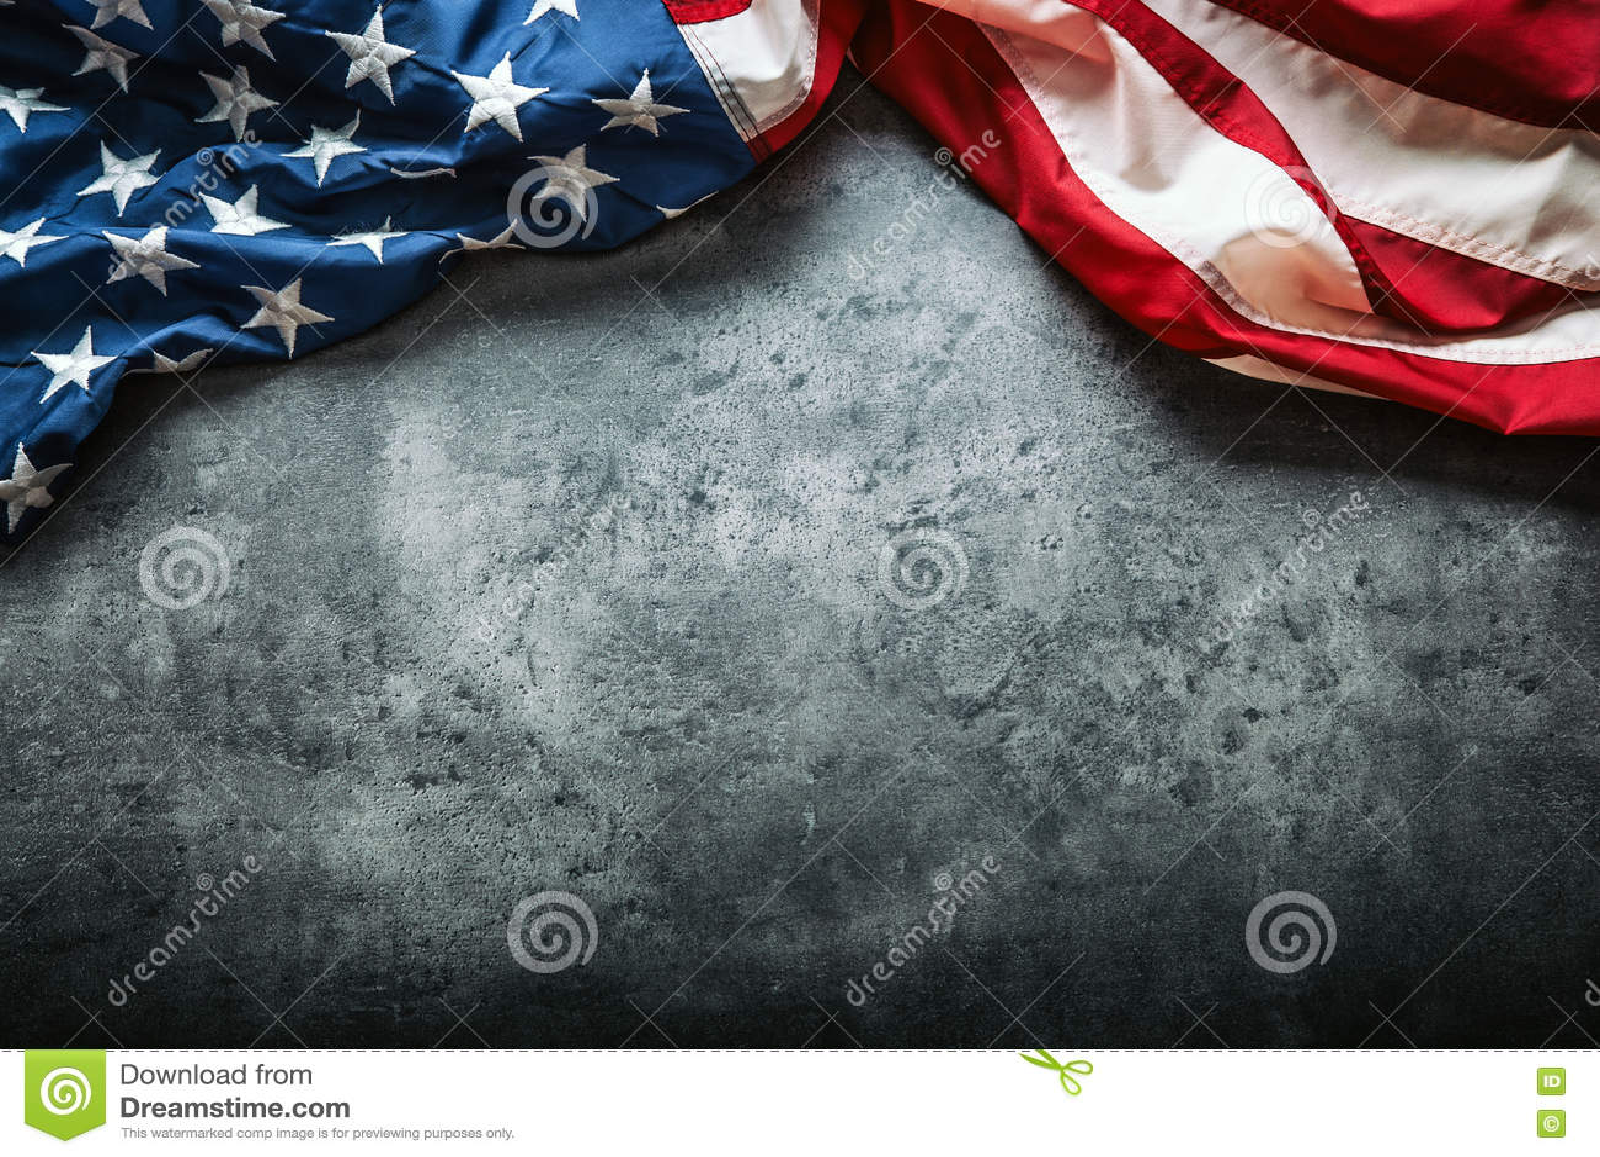 Indicateur des Etats-Unis Amerikanische Flagge Amerikanische Flagge, die frei auf konkretem Hintergrund liegt Sehen Sie mehr ital